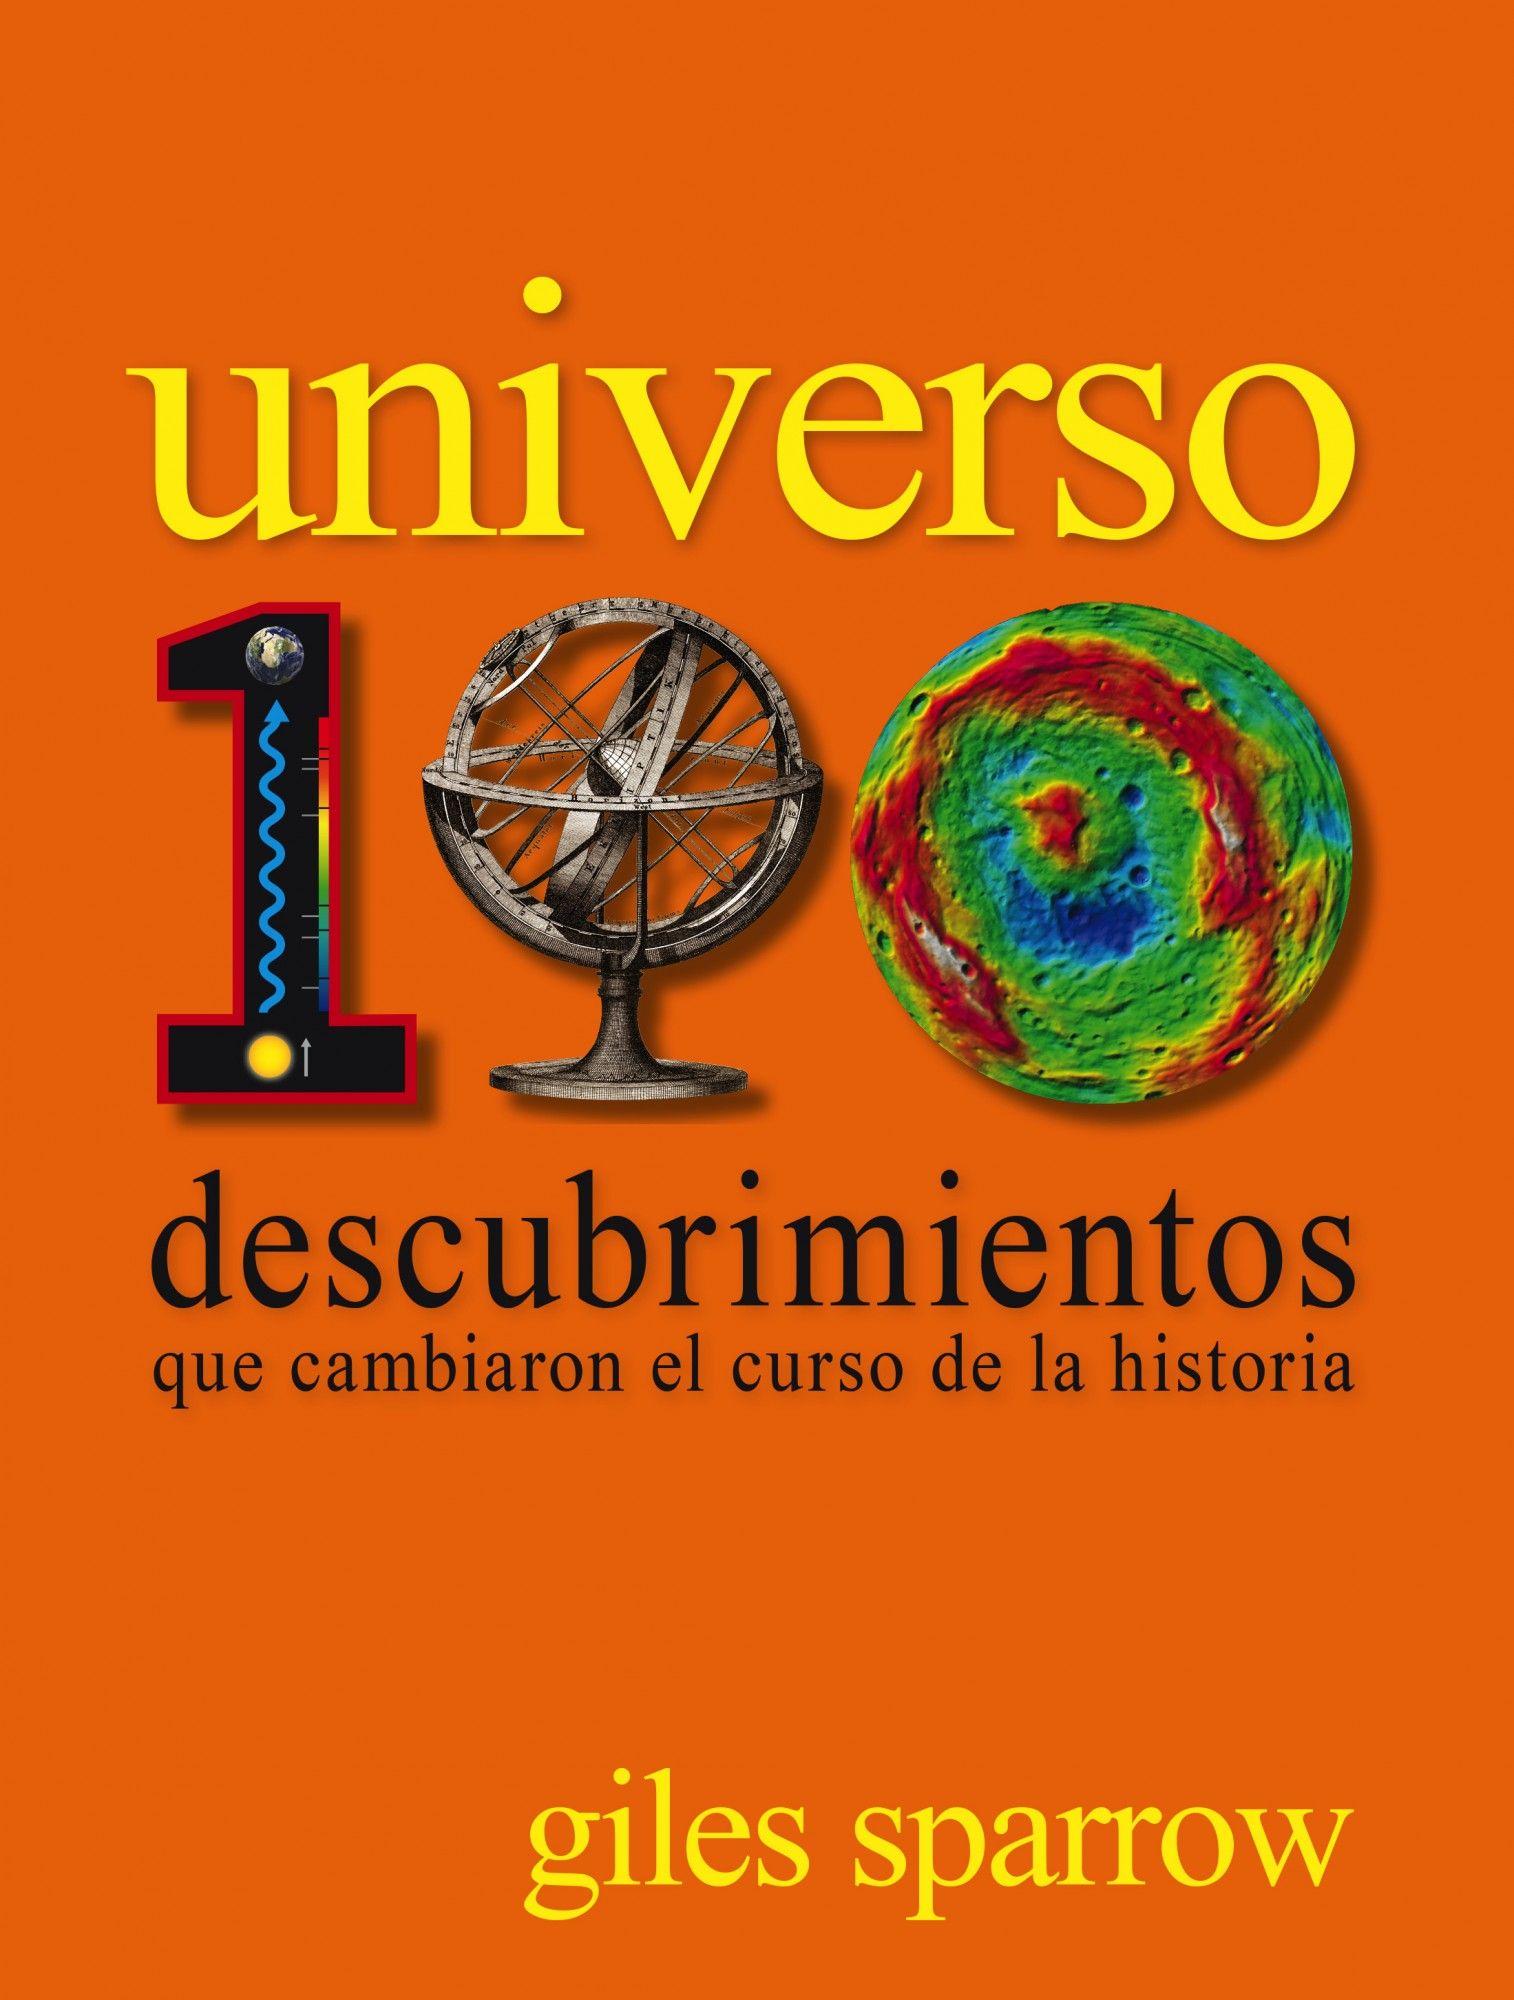 Universo 100 Descubrimientos Que Cambiaron El Curso De La